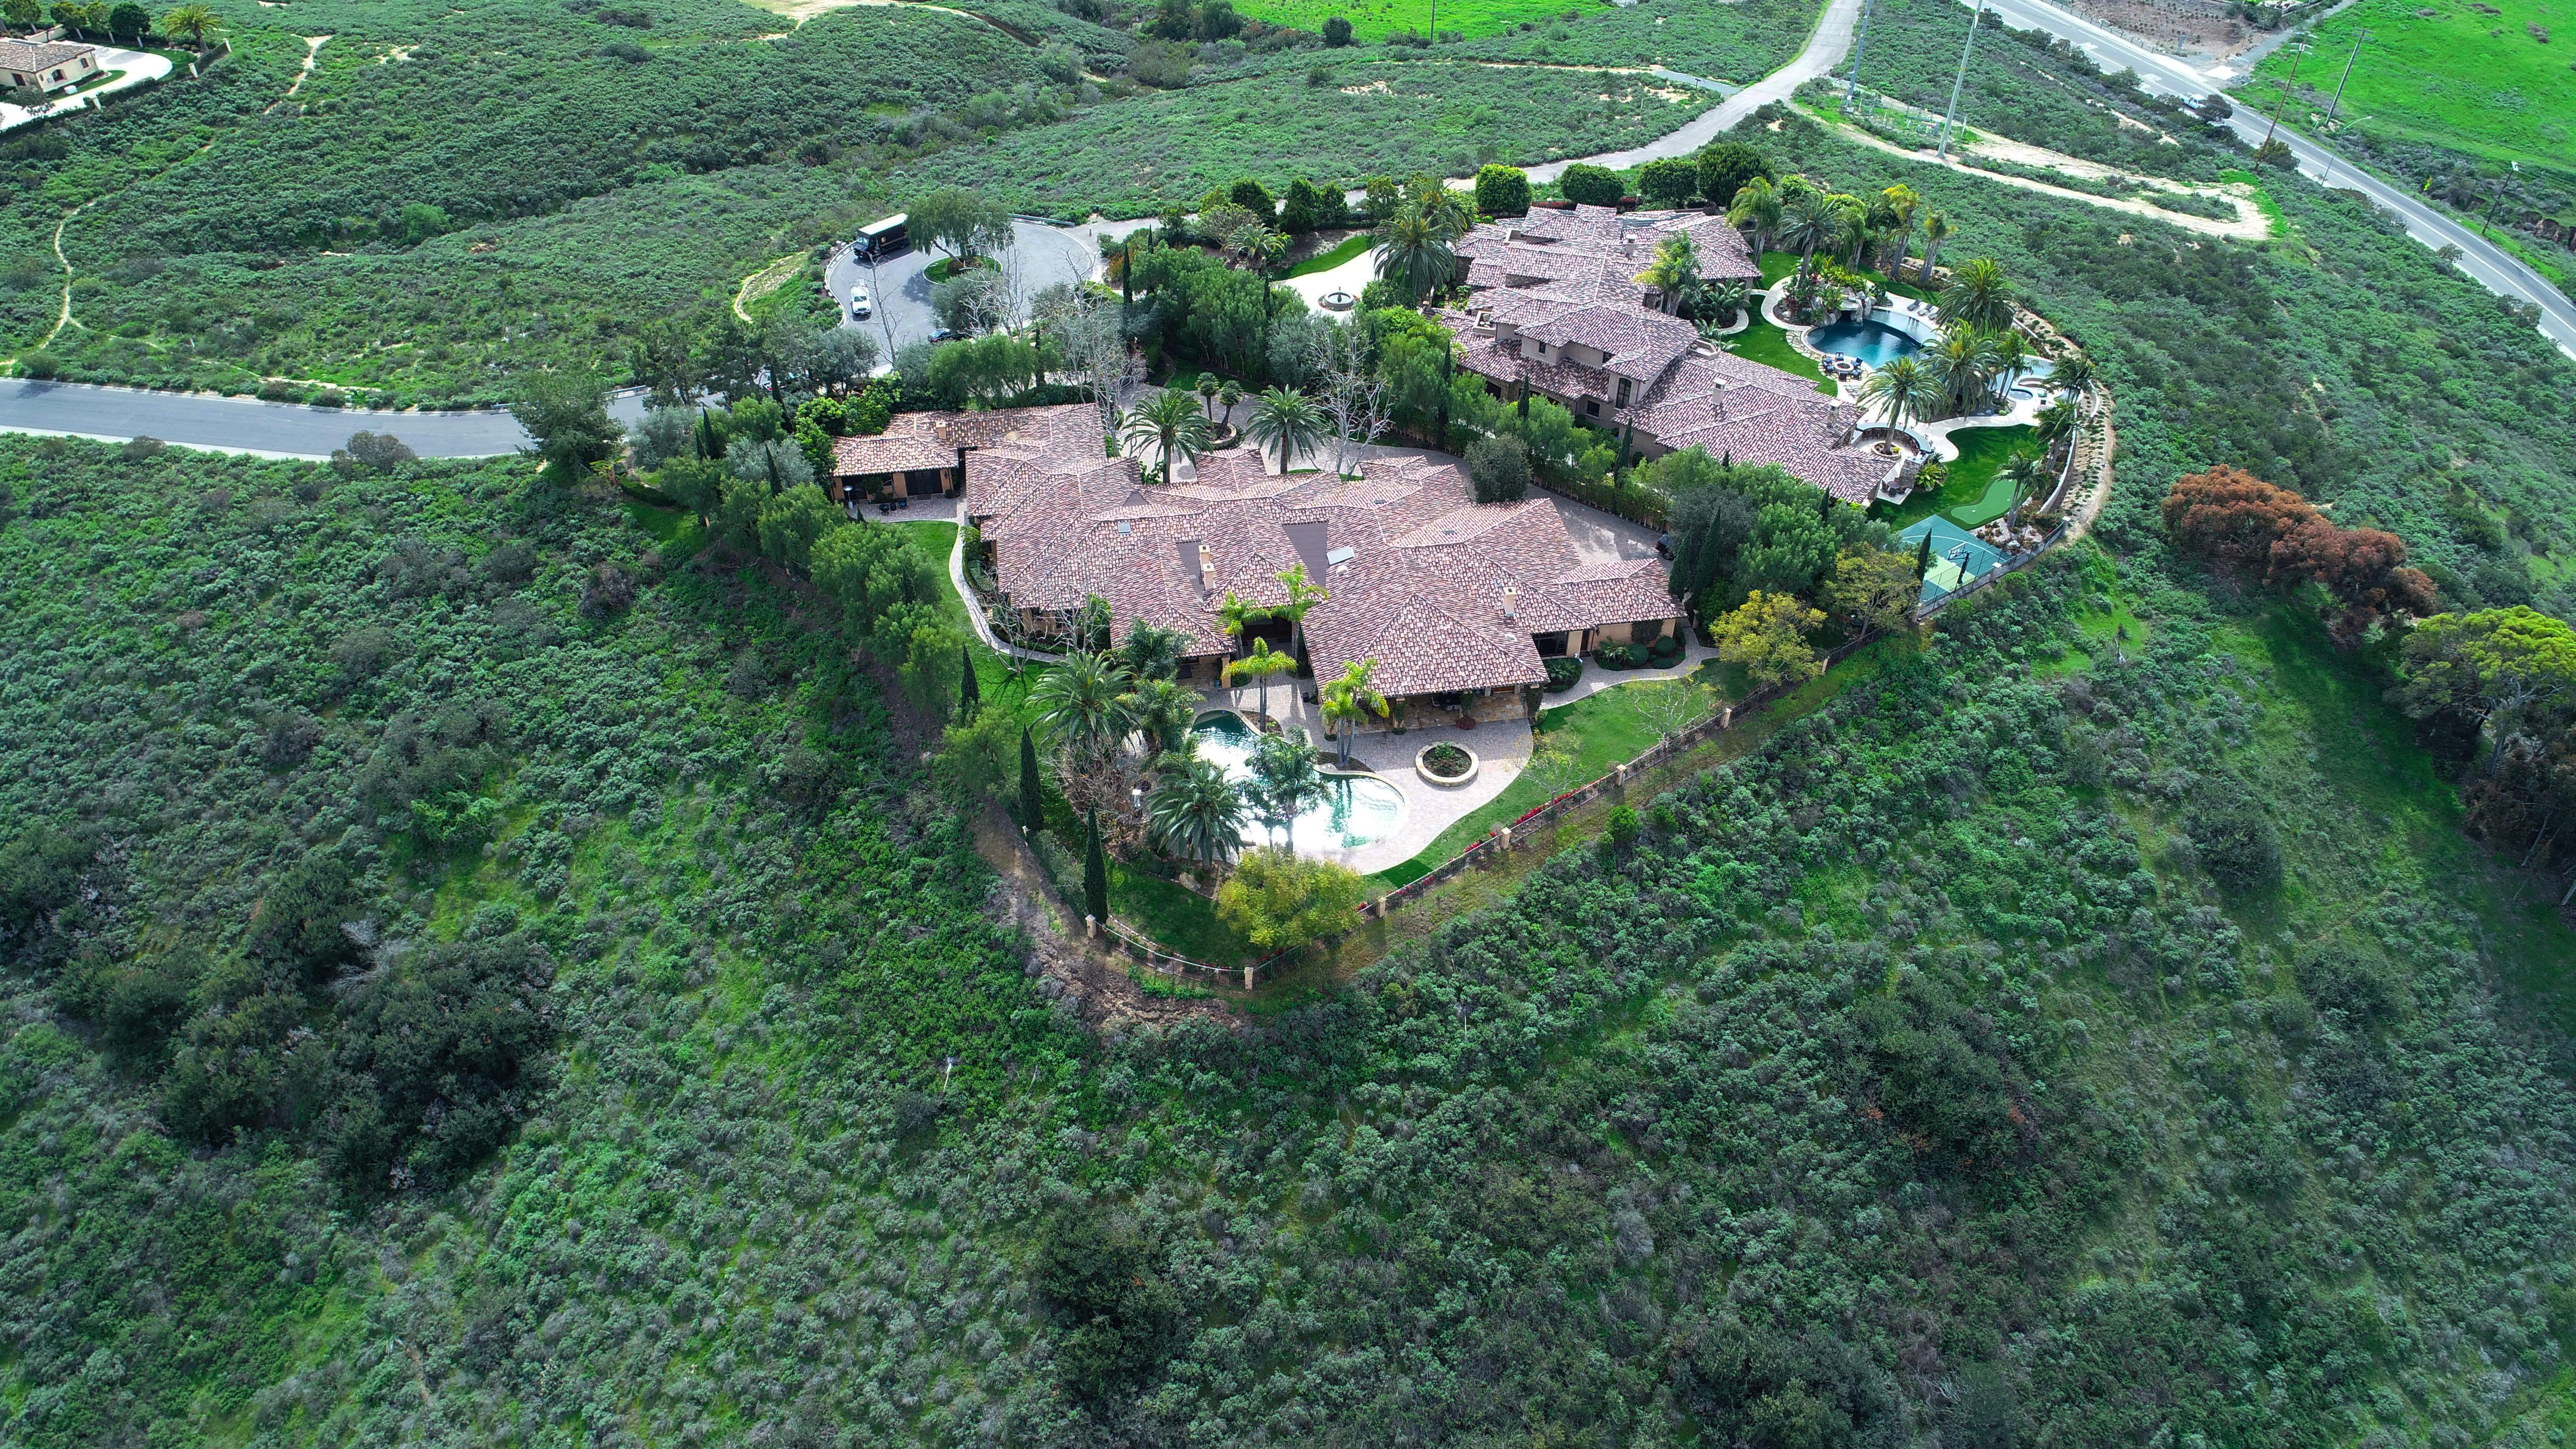 4130-rancho-las-brisas-aerial-large-3